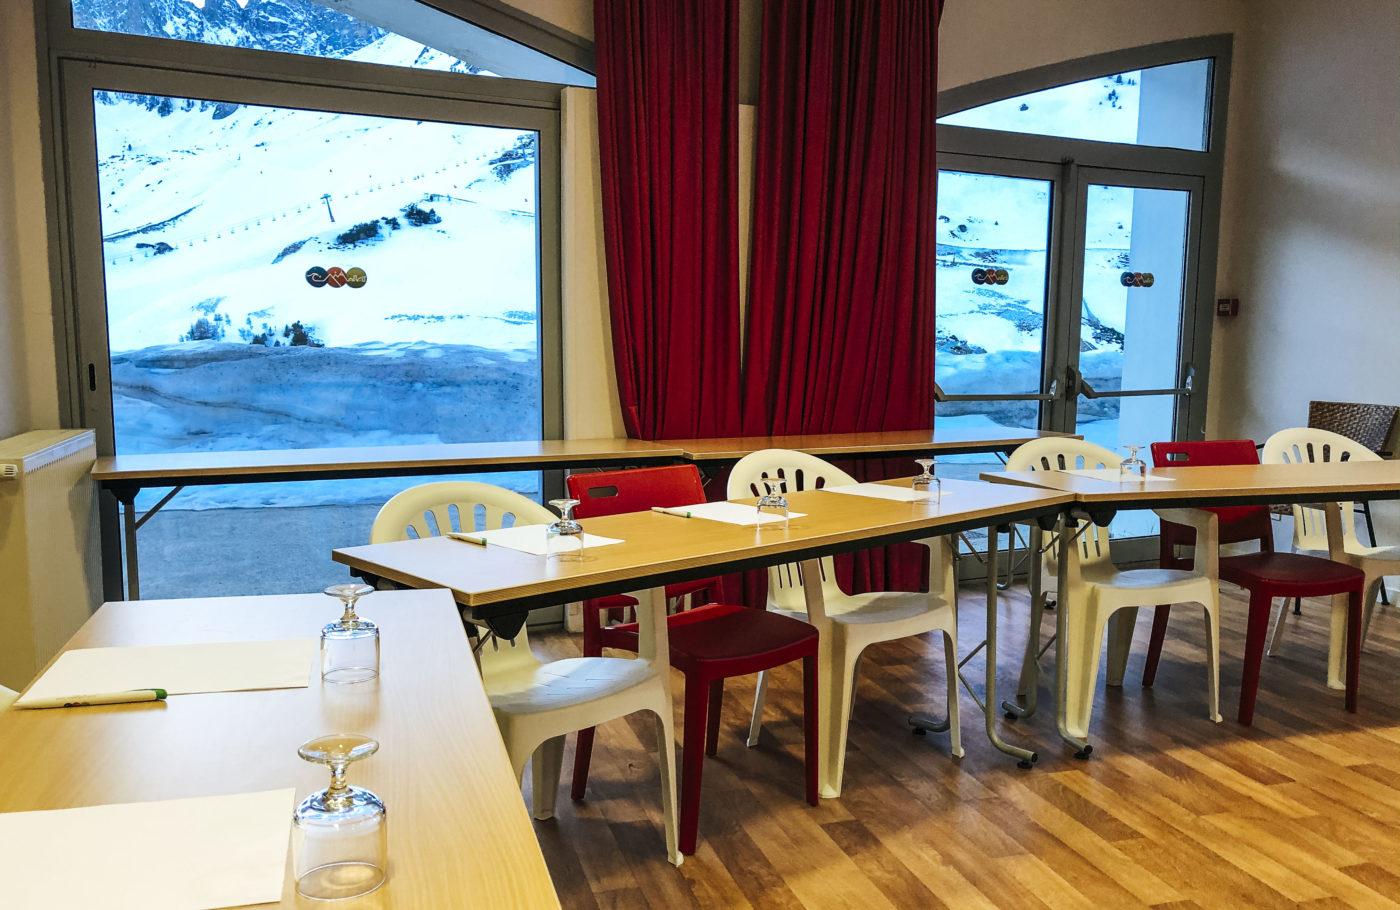 agence evenementielle receptive pays basque erronda seminaire team building incentive event la Mongie pyrénées salle réunion